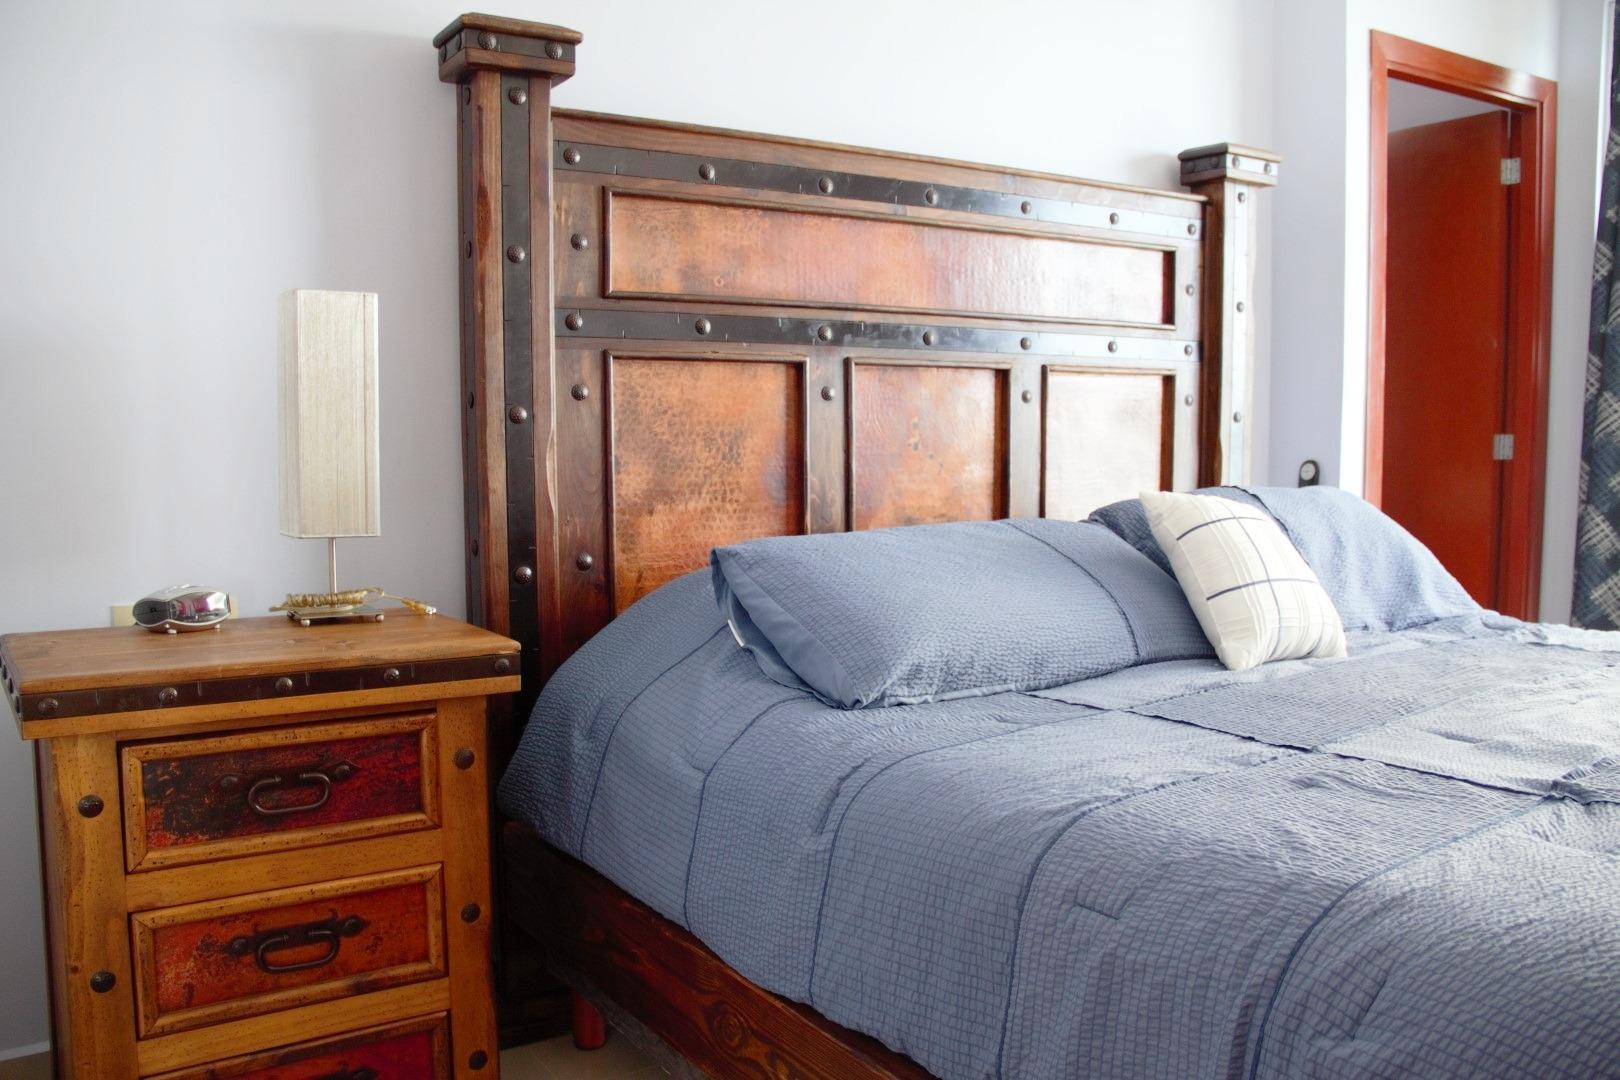 Kingsize bed in master bedroom.